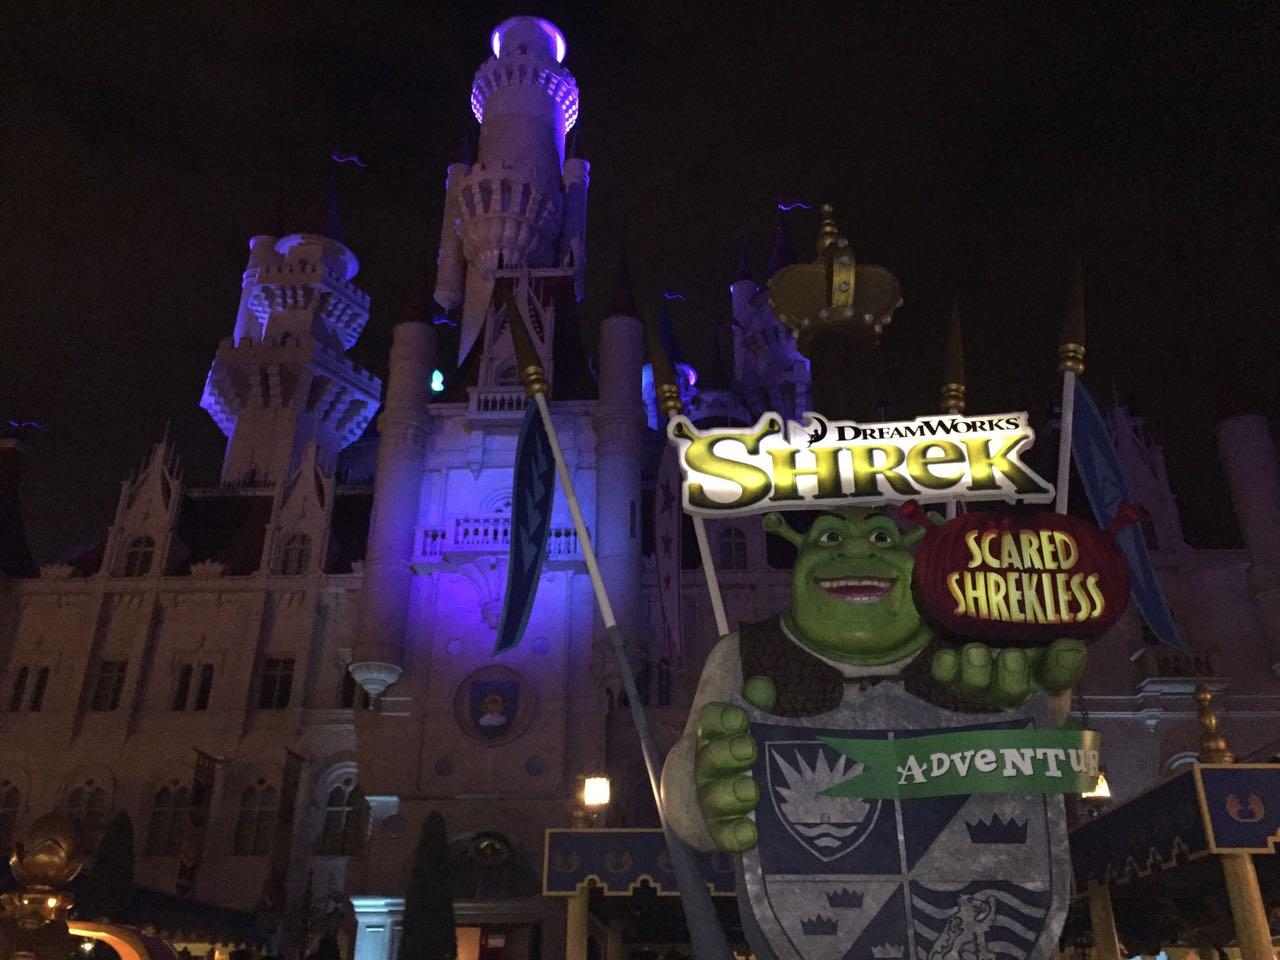 Shrek Scaredjpg